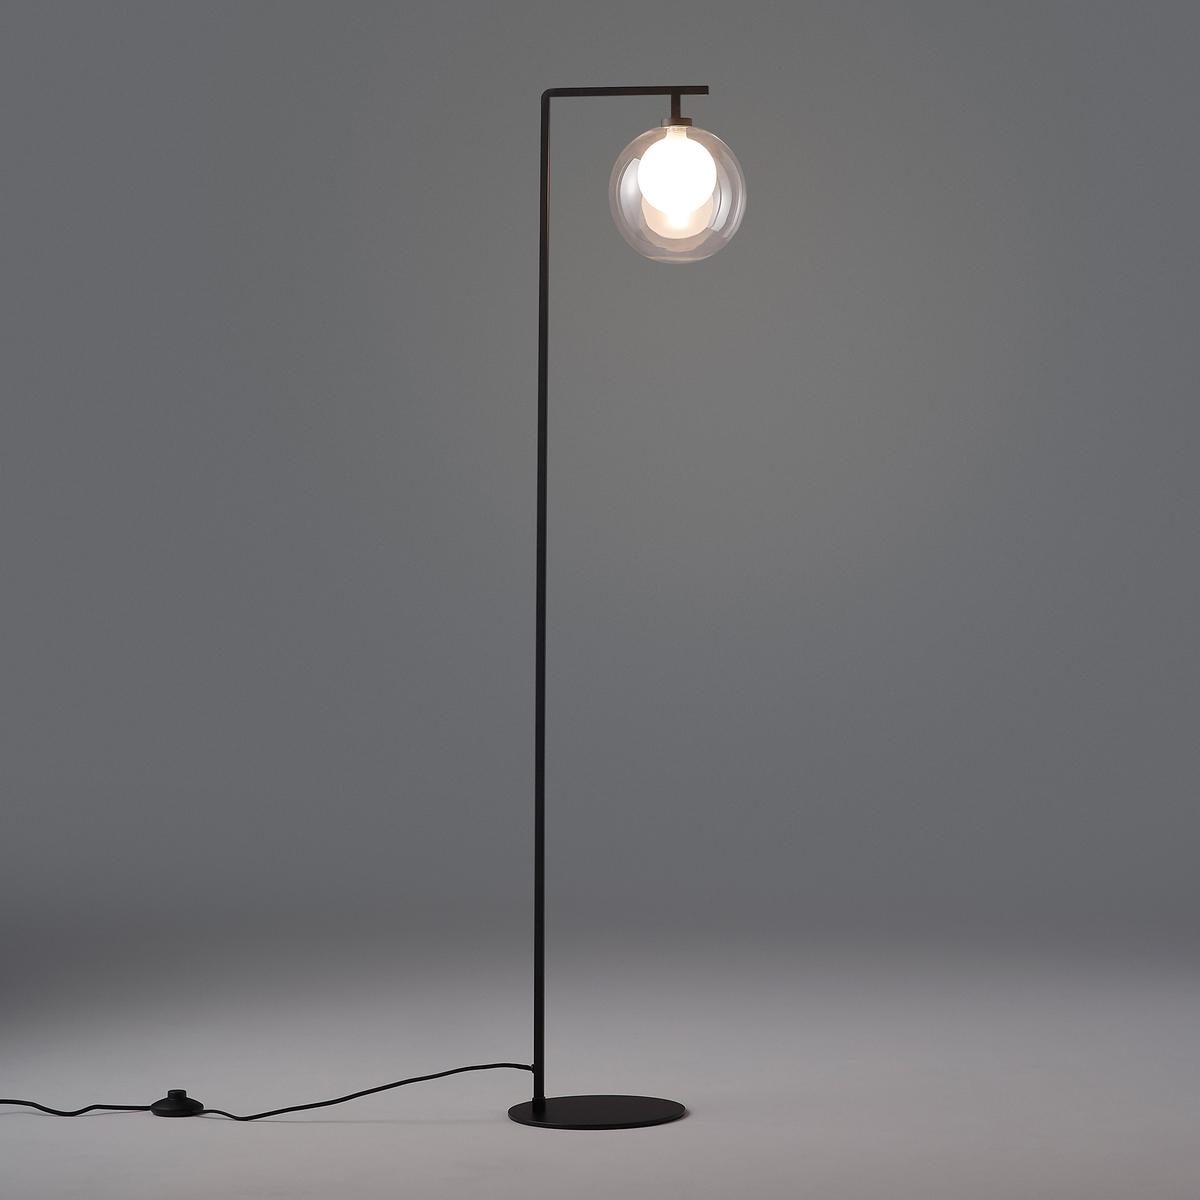 Arvin Metal & Glass Floor Lamp